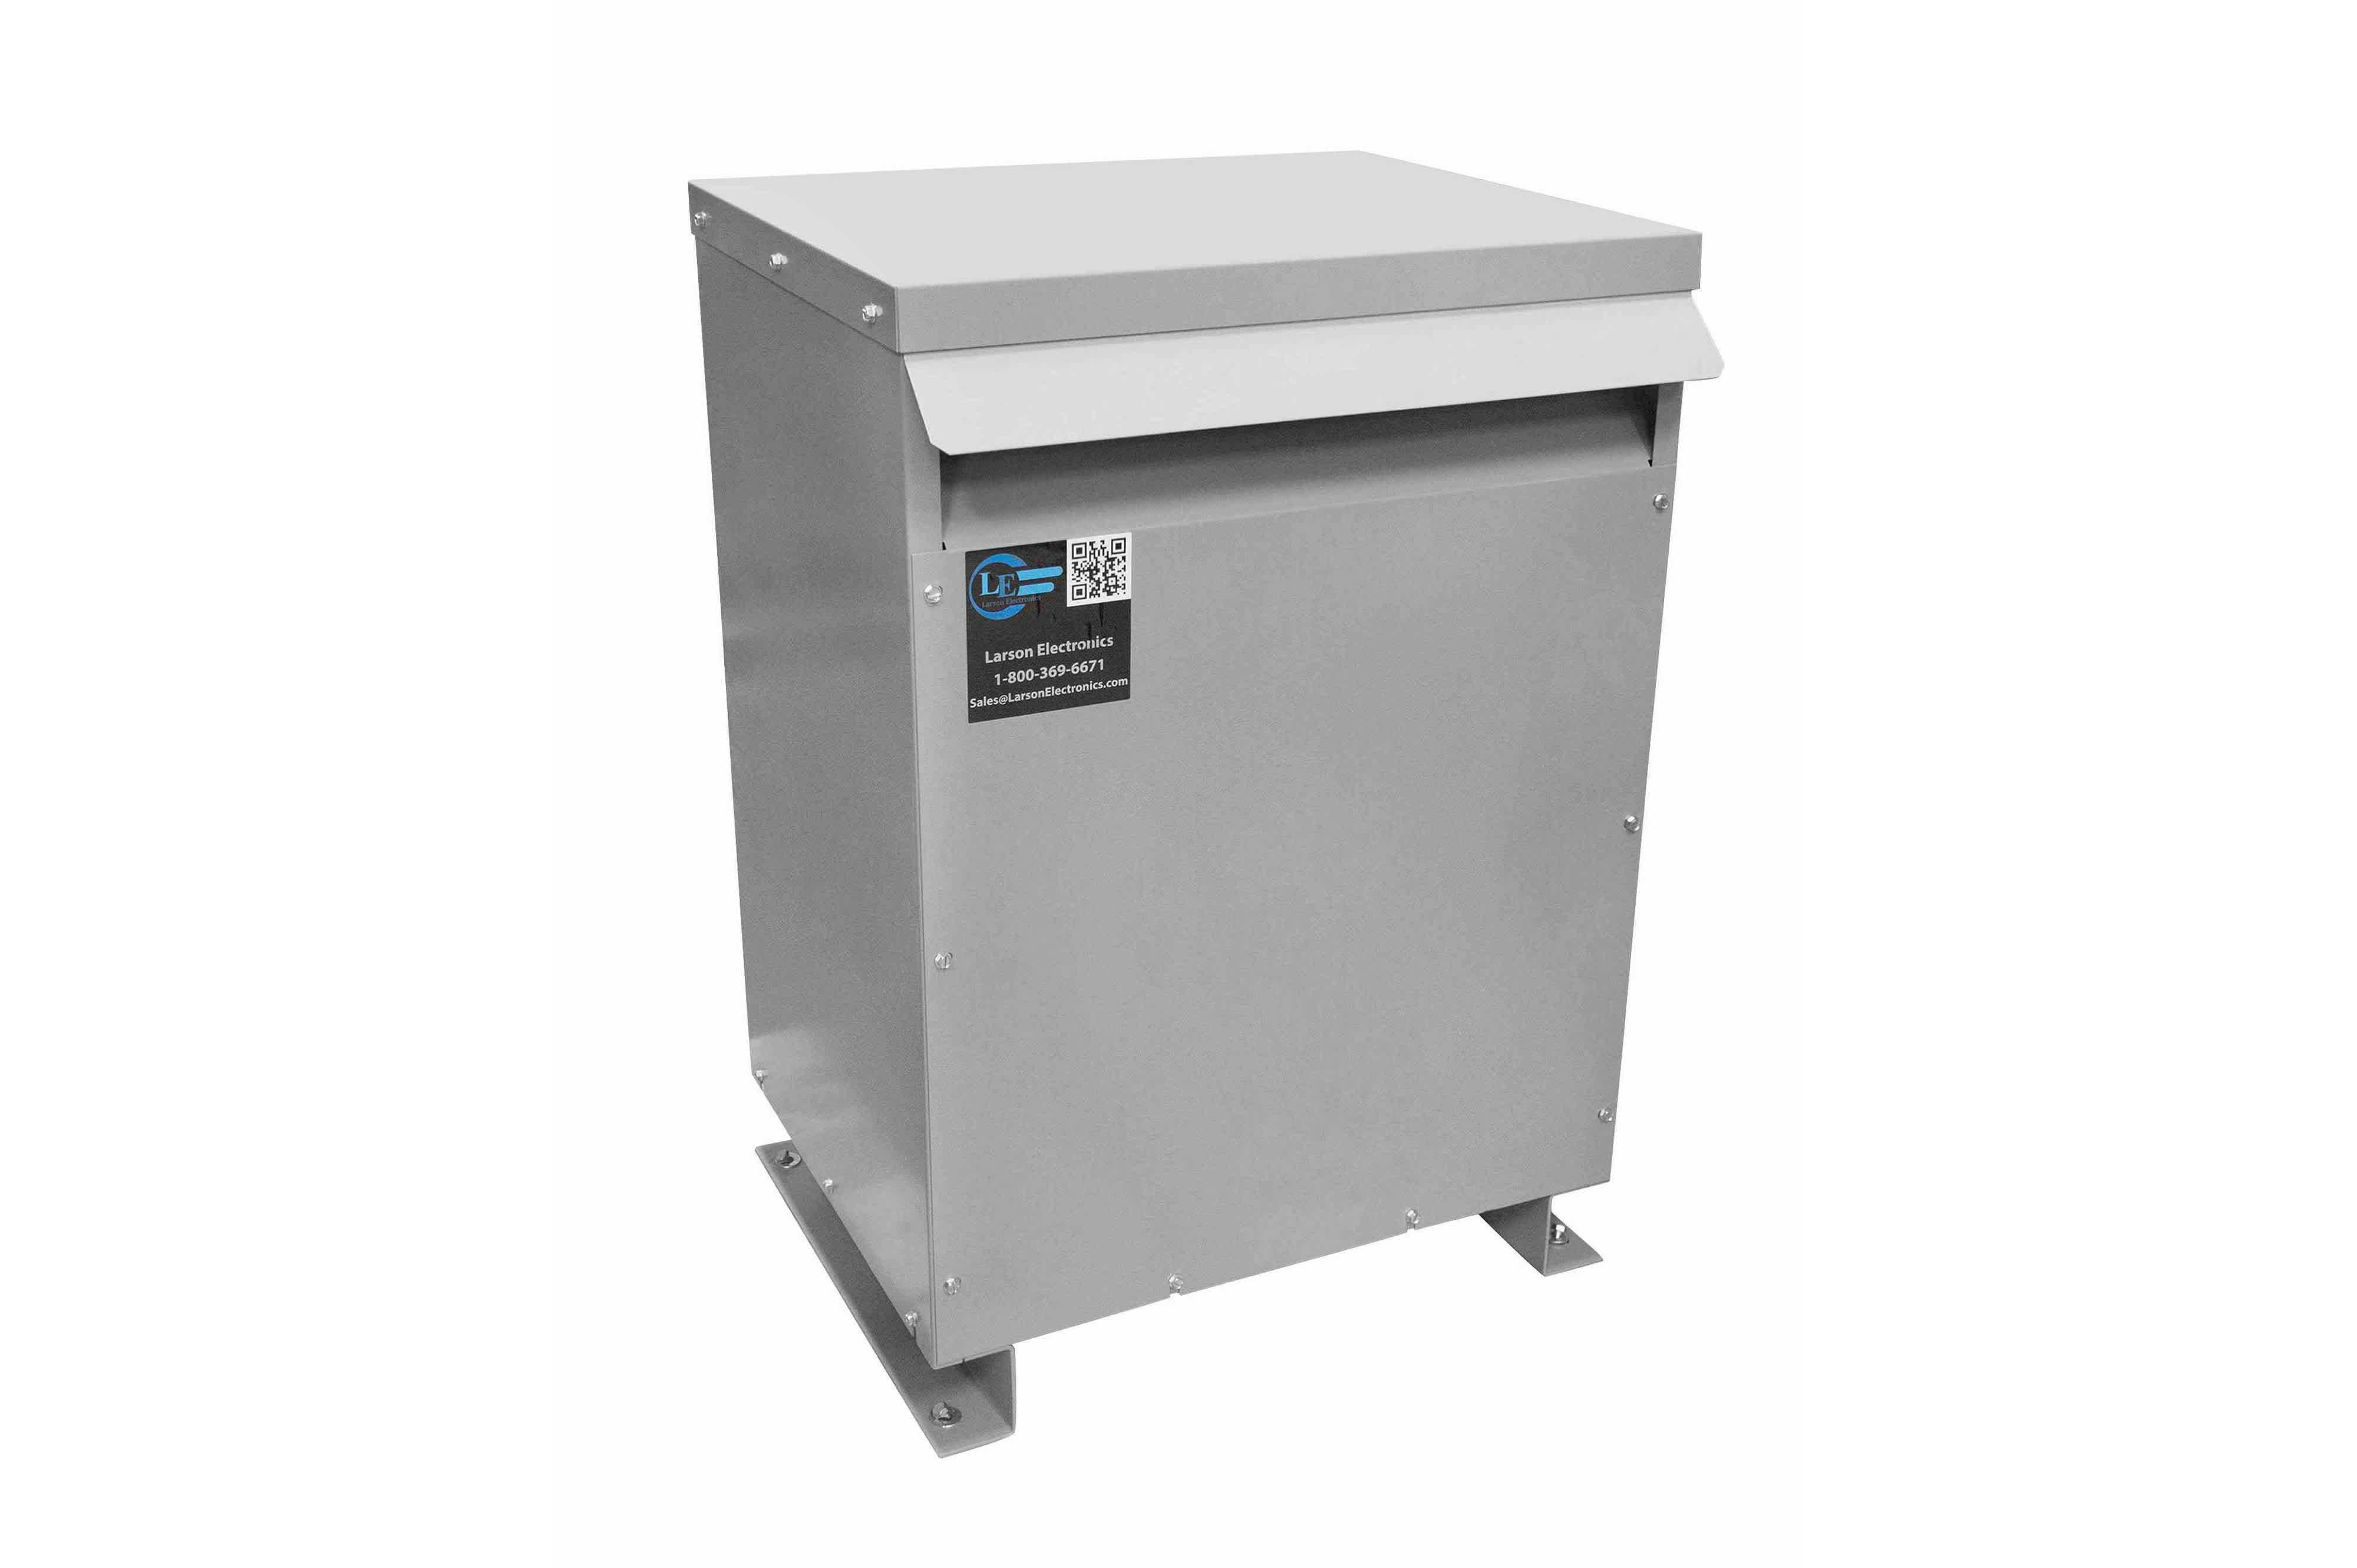 400 kVA 3PH Isolation Transformer, 208V Delta Primary, 400V Delta Secondary, N3R, Ventilated, 60 Hz